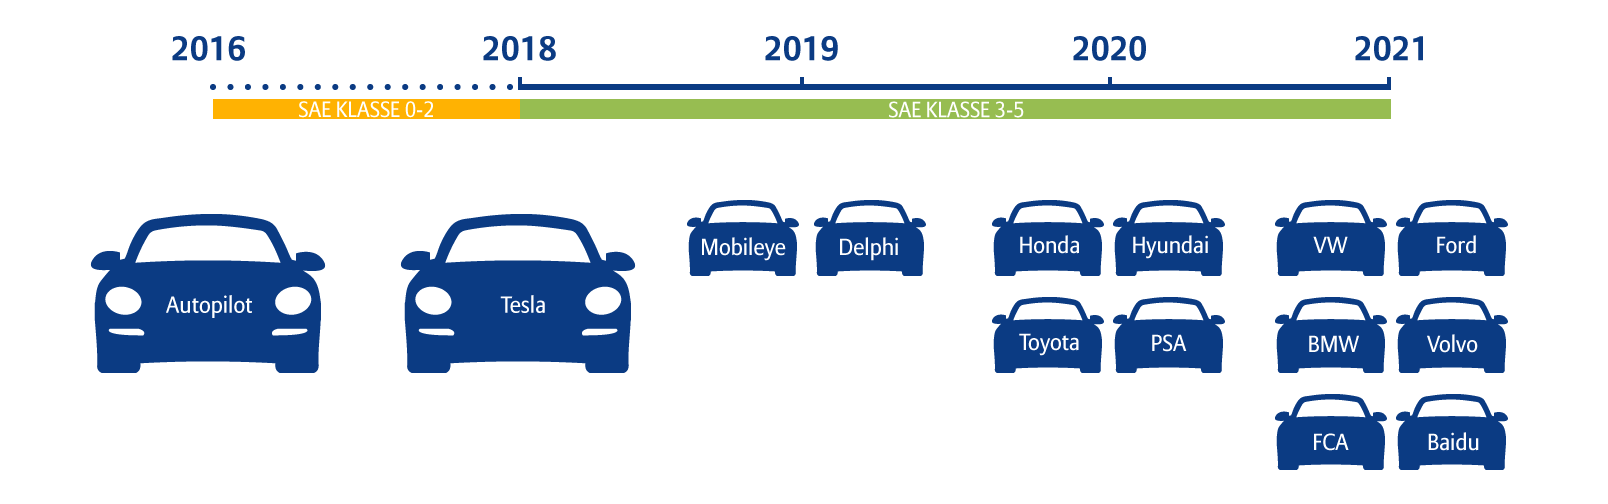 Entwicklung autonomer Fahrzeuge in den nächsten Jahren nach Autoherstellern